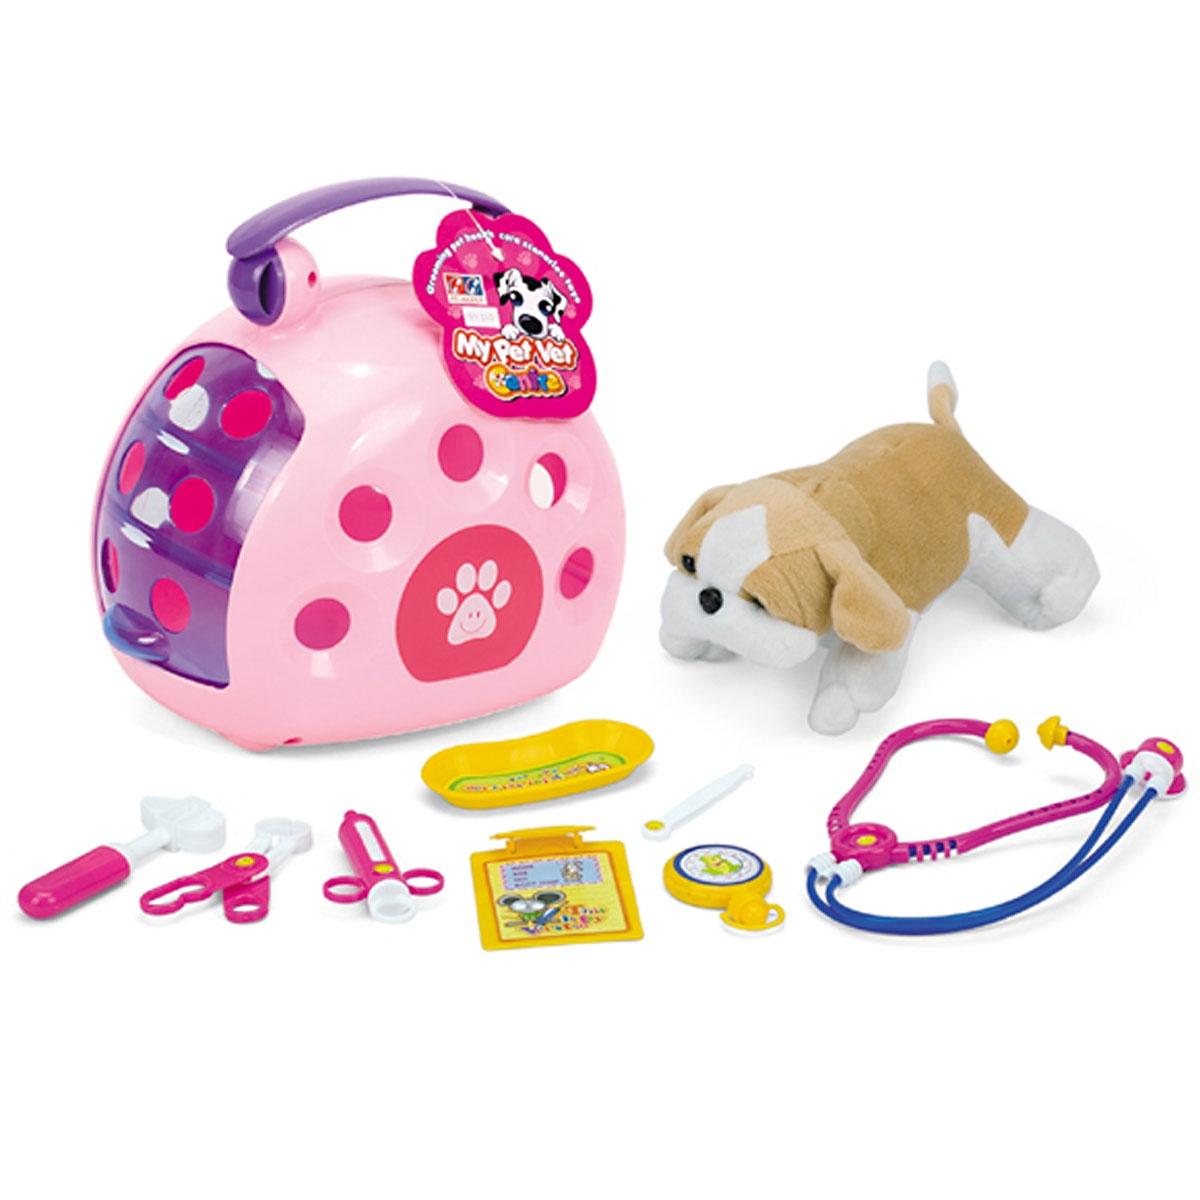 Сюжетно-ролевые игрушки Veld Co 72315 цена